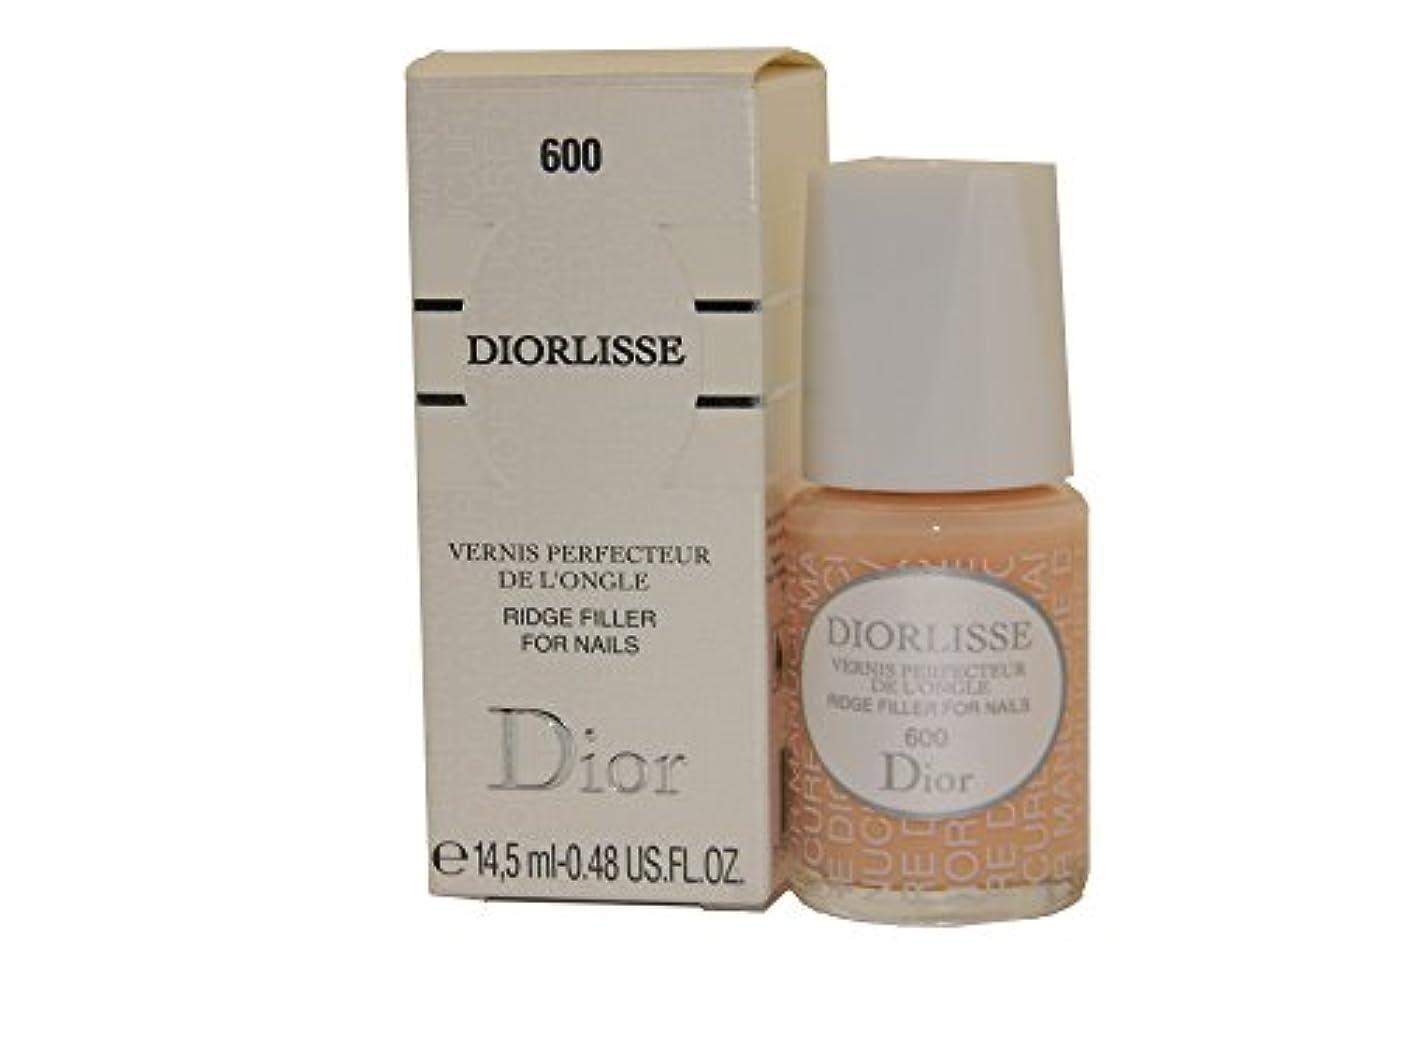 資本主義先生悪性のDior Diorlisse Ridge Filler For Nail 600(ディオールリス リッジフィラー フォーネイル 600)[海外直送品] [並行輸入品]